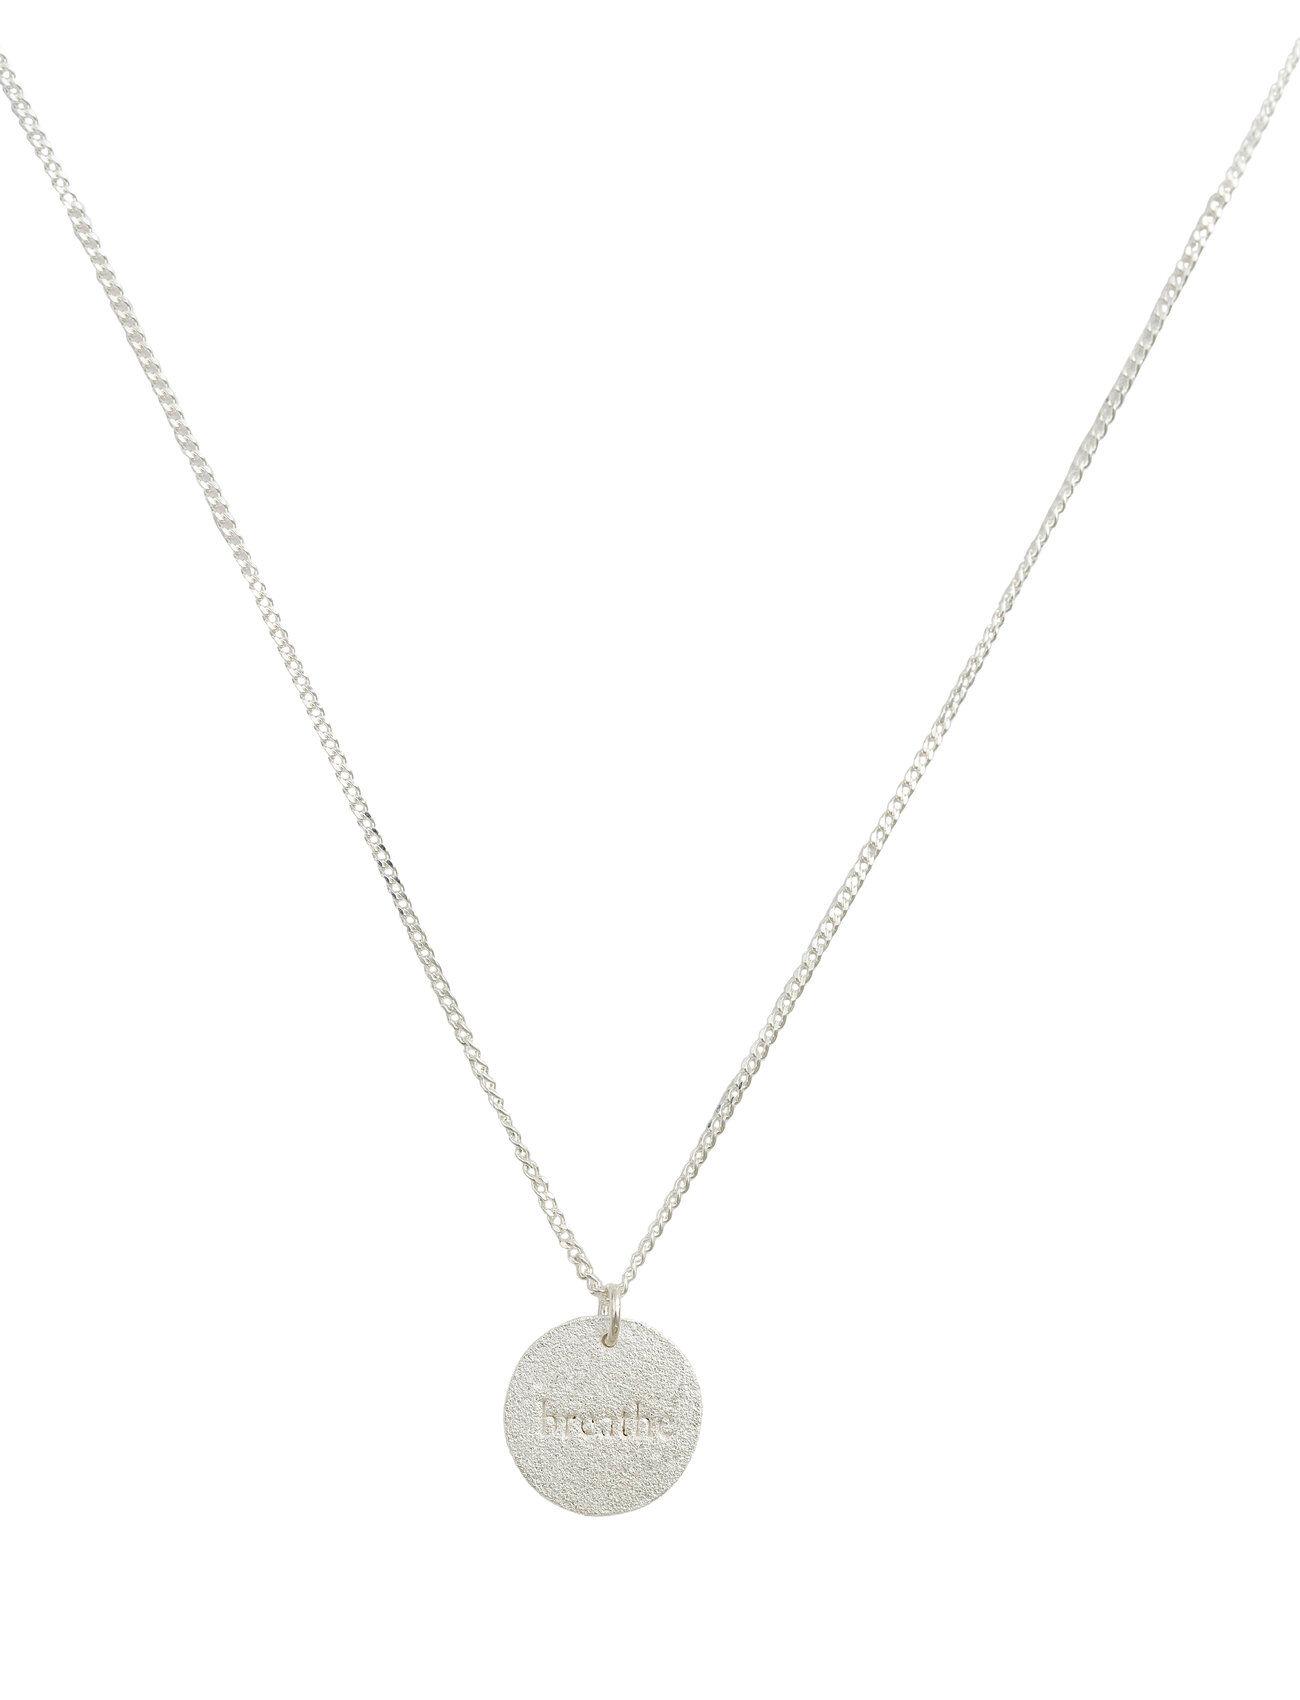 Syster P Minimalistica Breathe Necklace Silver